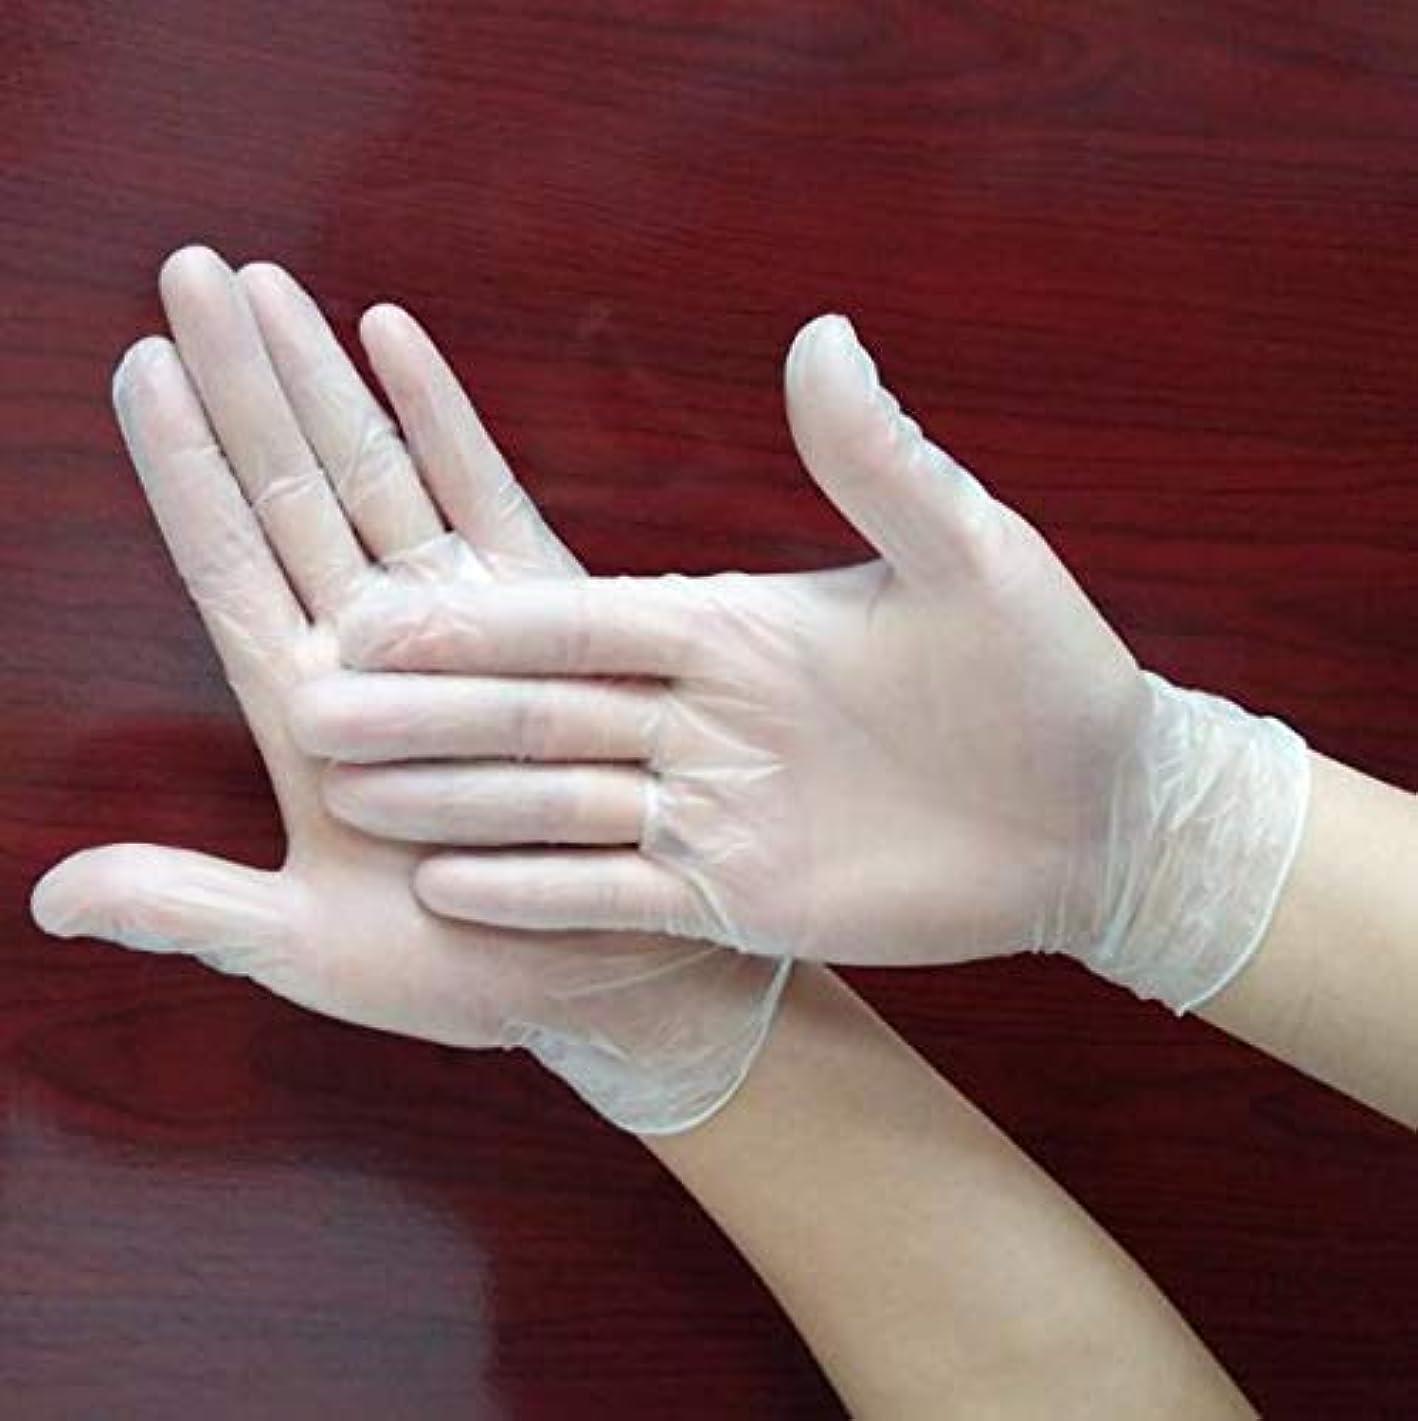 シェーバー新しい意味第ハッピー 使い捨てPVC手袋 ベルテプラテ 使い捨て手袋 PVCグローブ 粉なし パウダーフリー 左右兼用 (M)